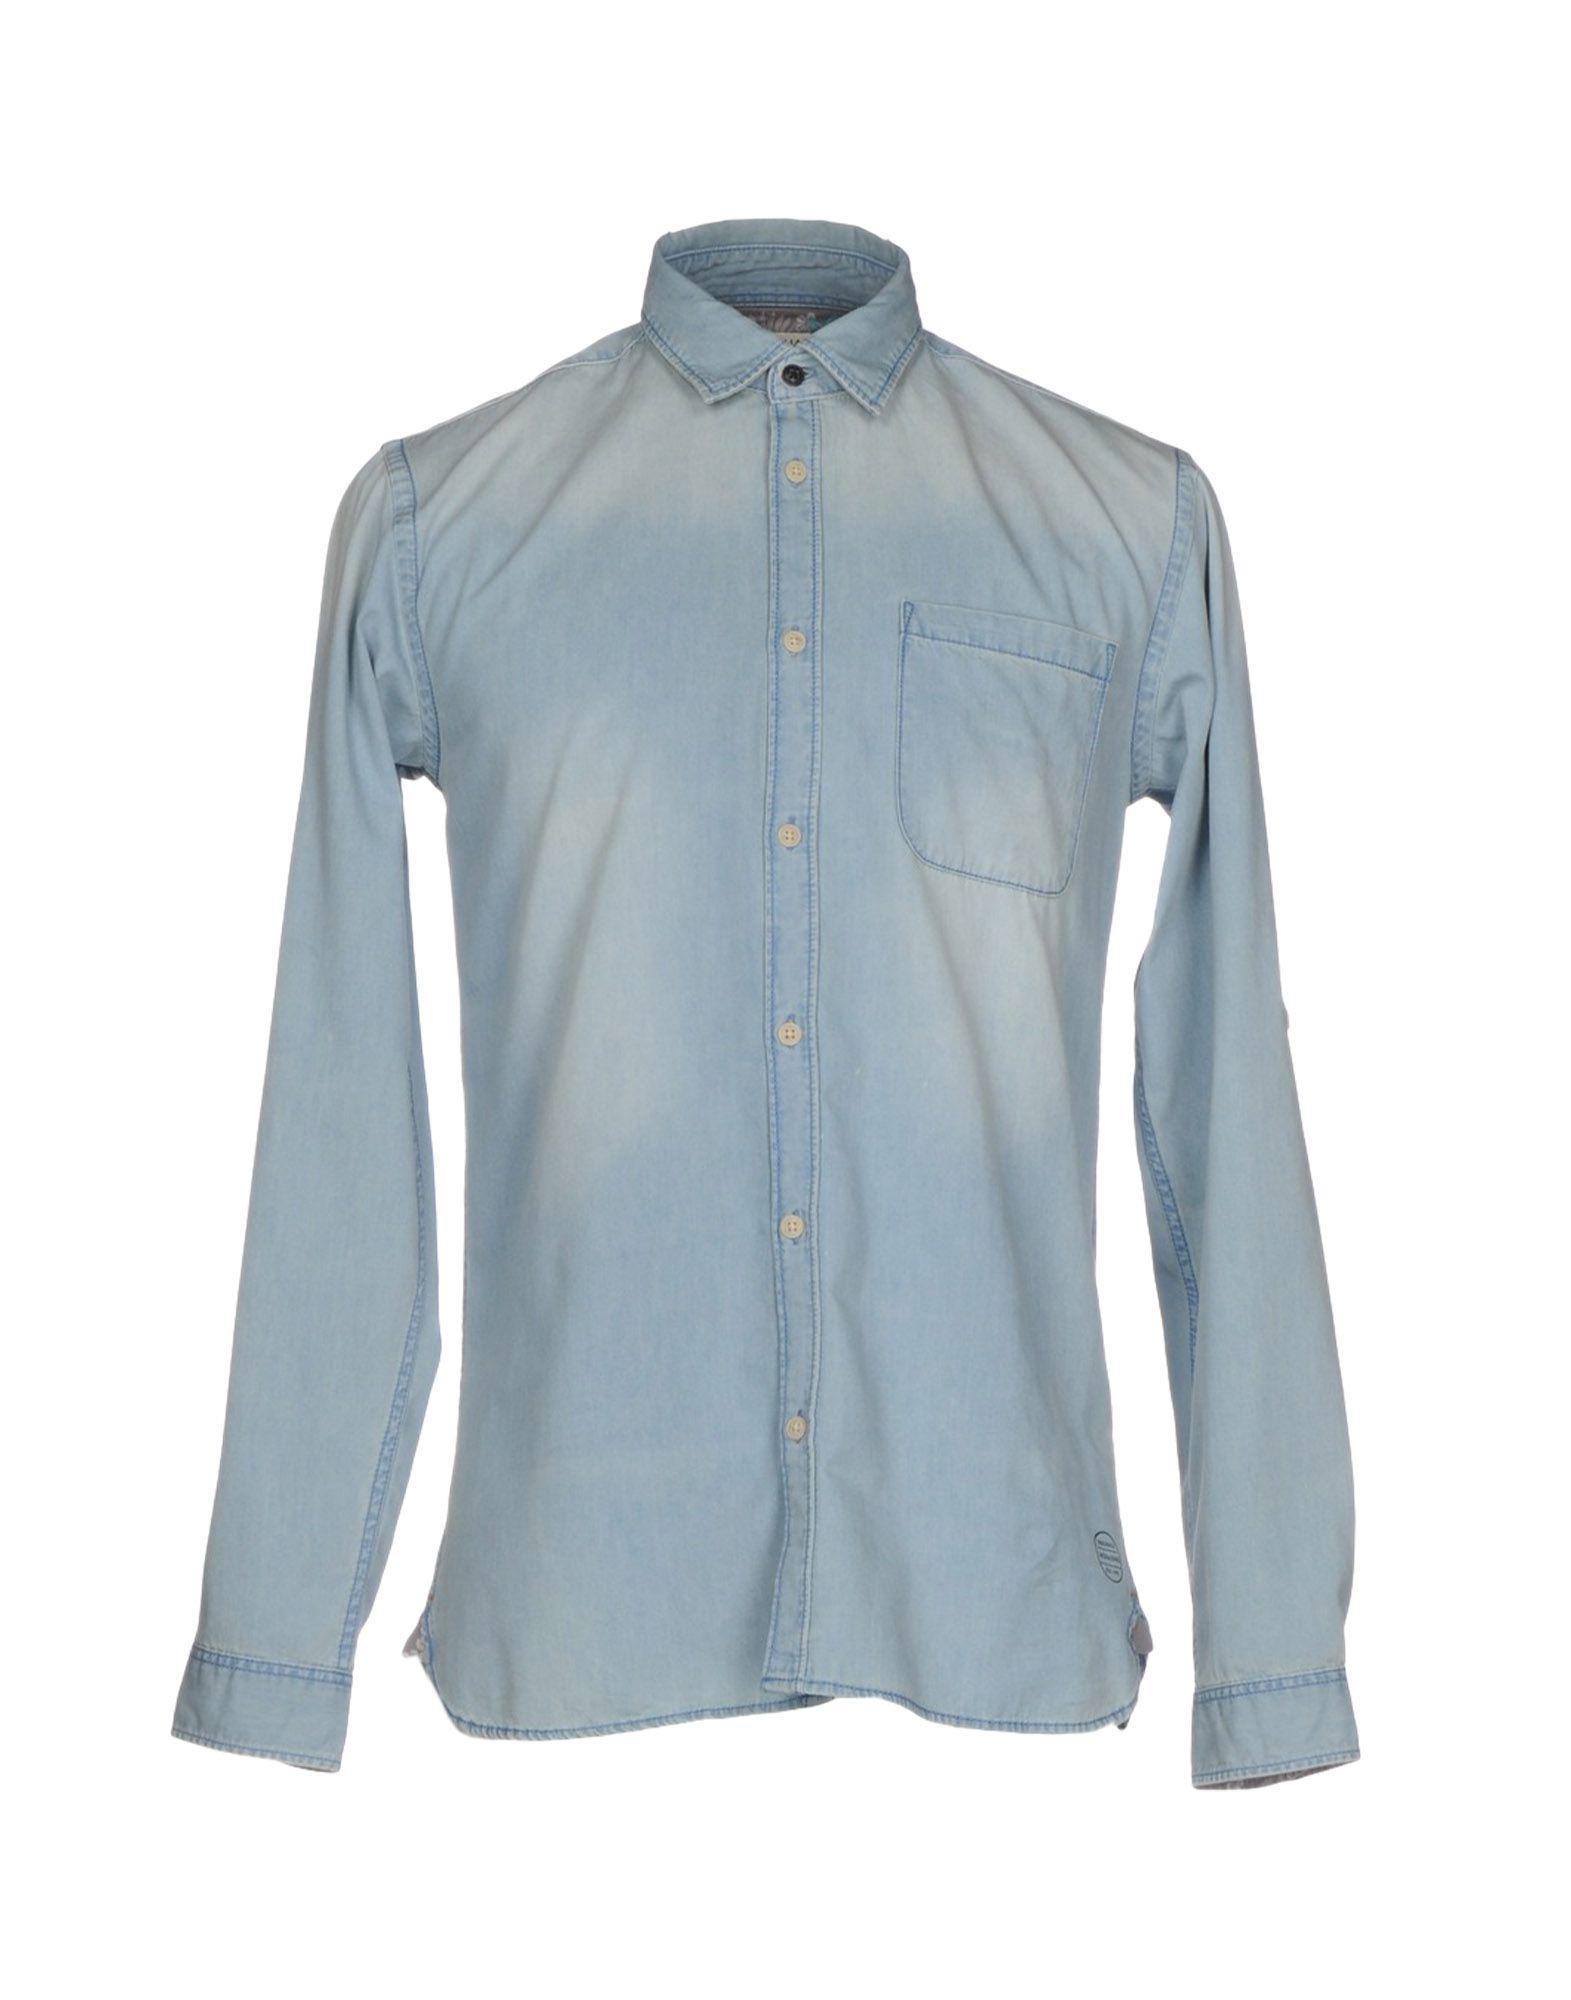 ORIGINALS by JACK & JONES Джинсовая рубашка рубашка джинсовая jack